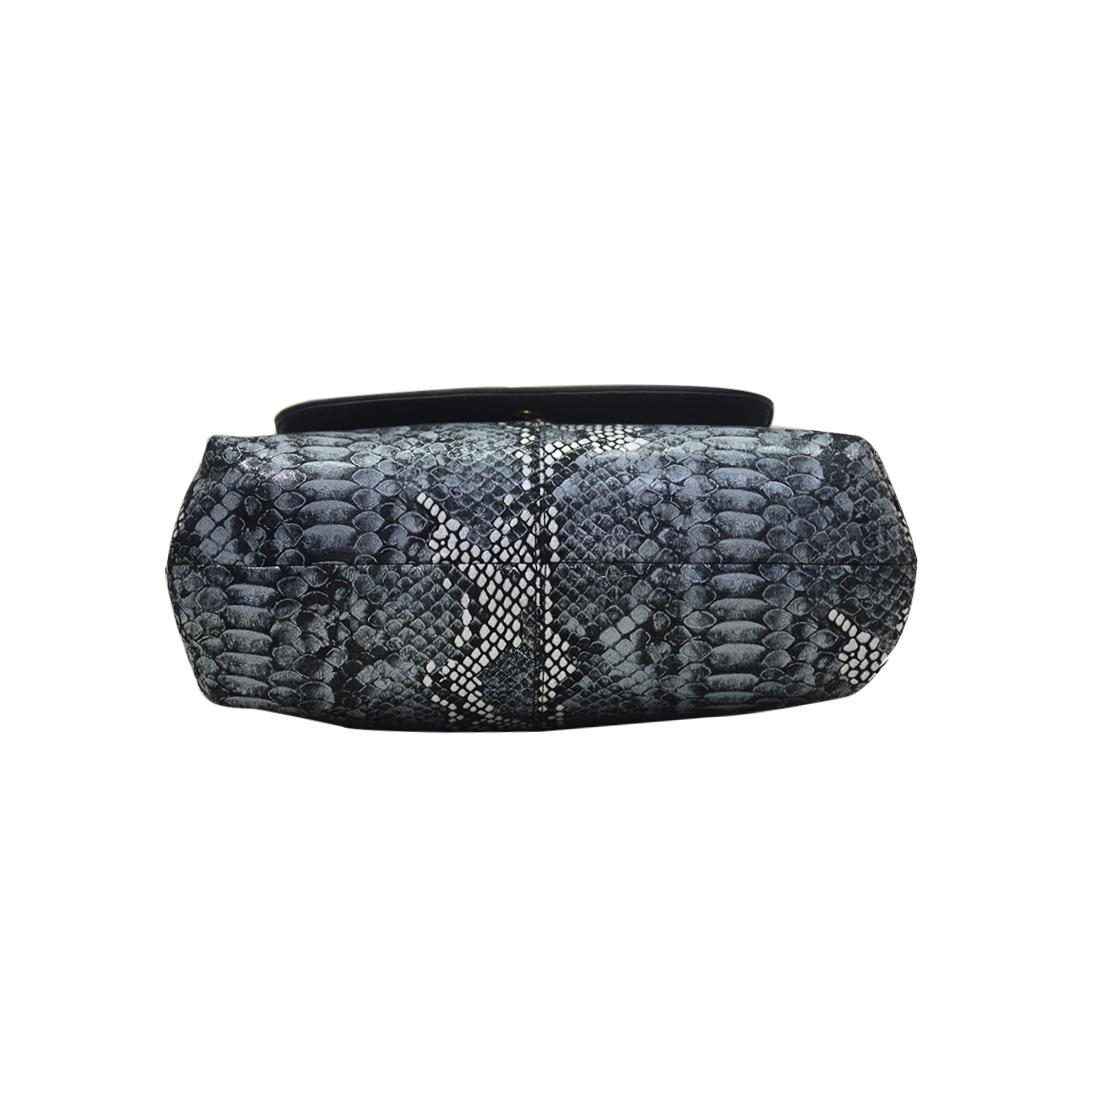 Leather Shoulder Bag Snake Printed